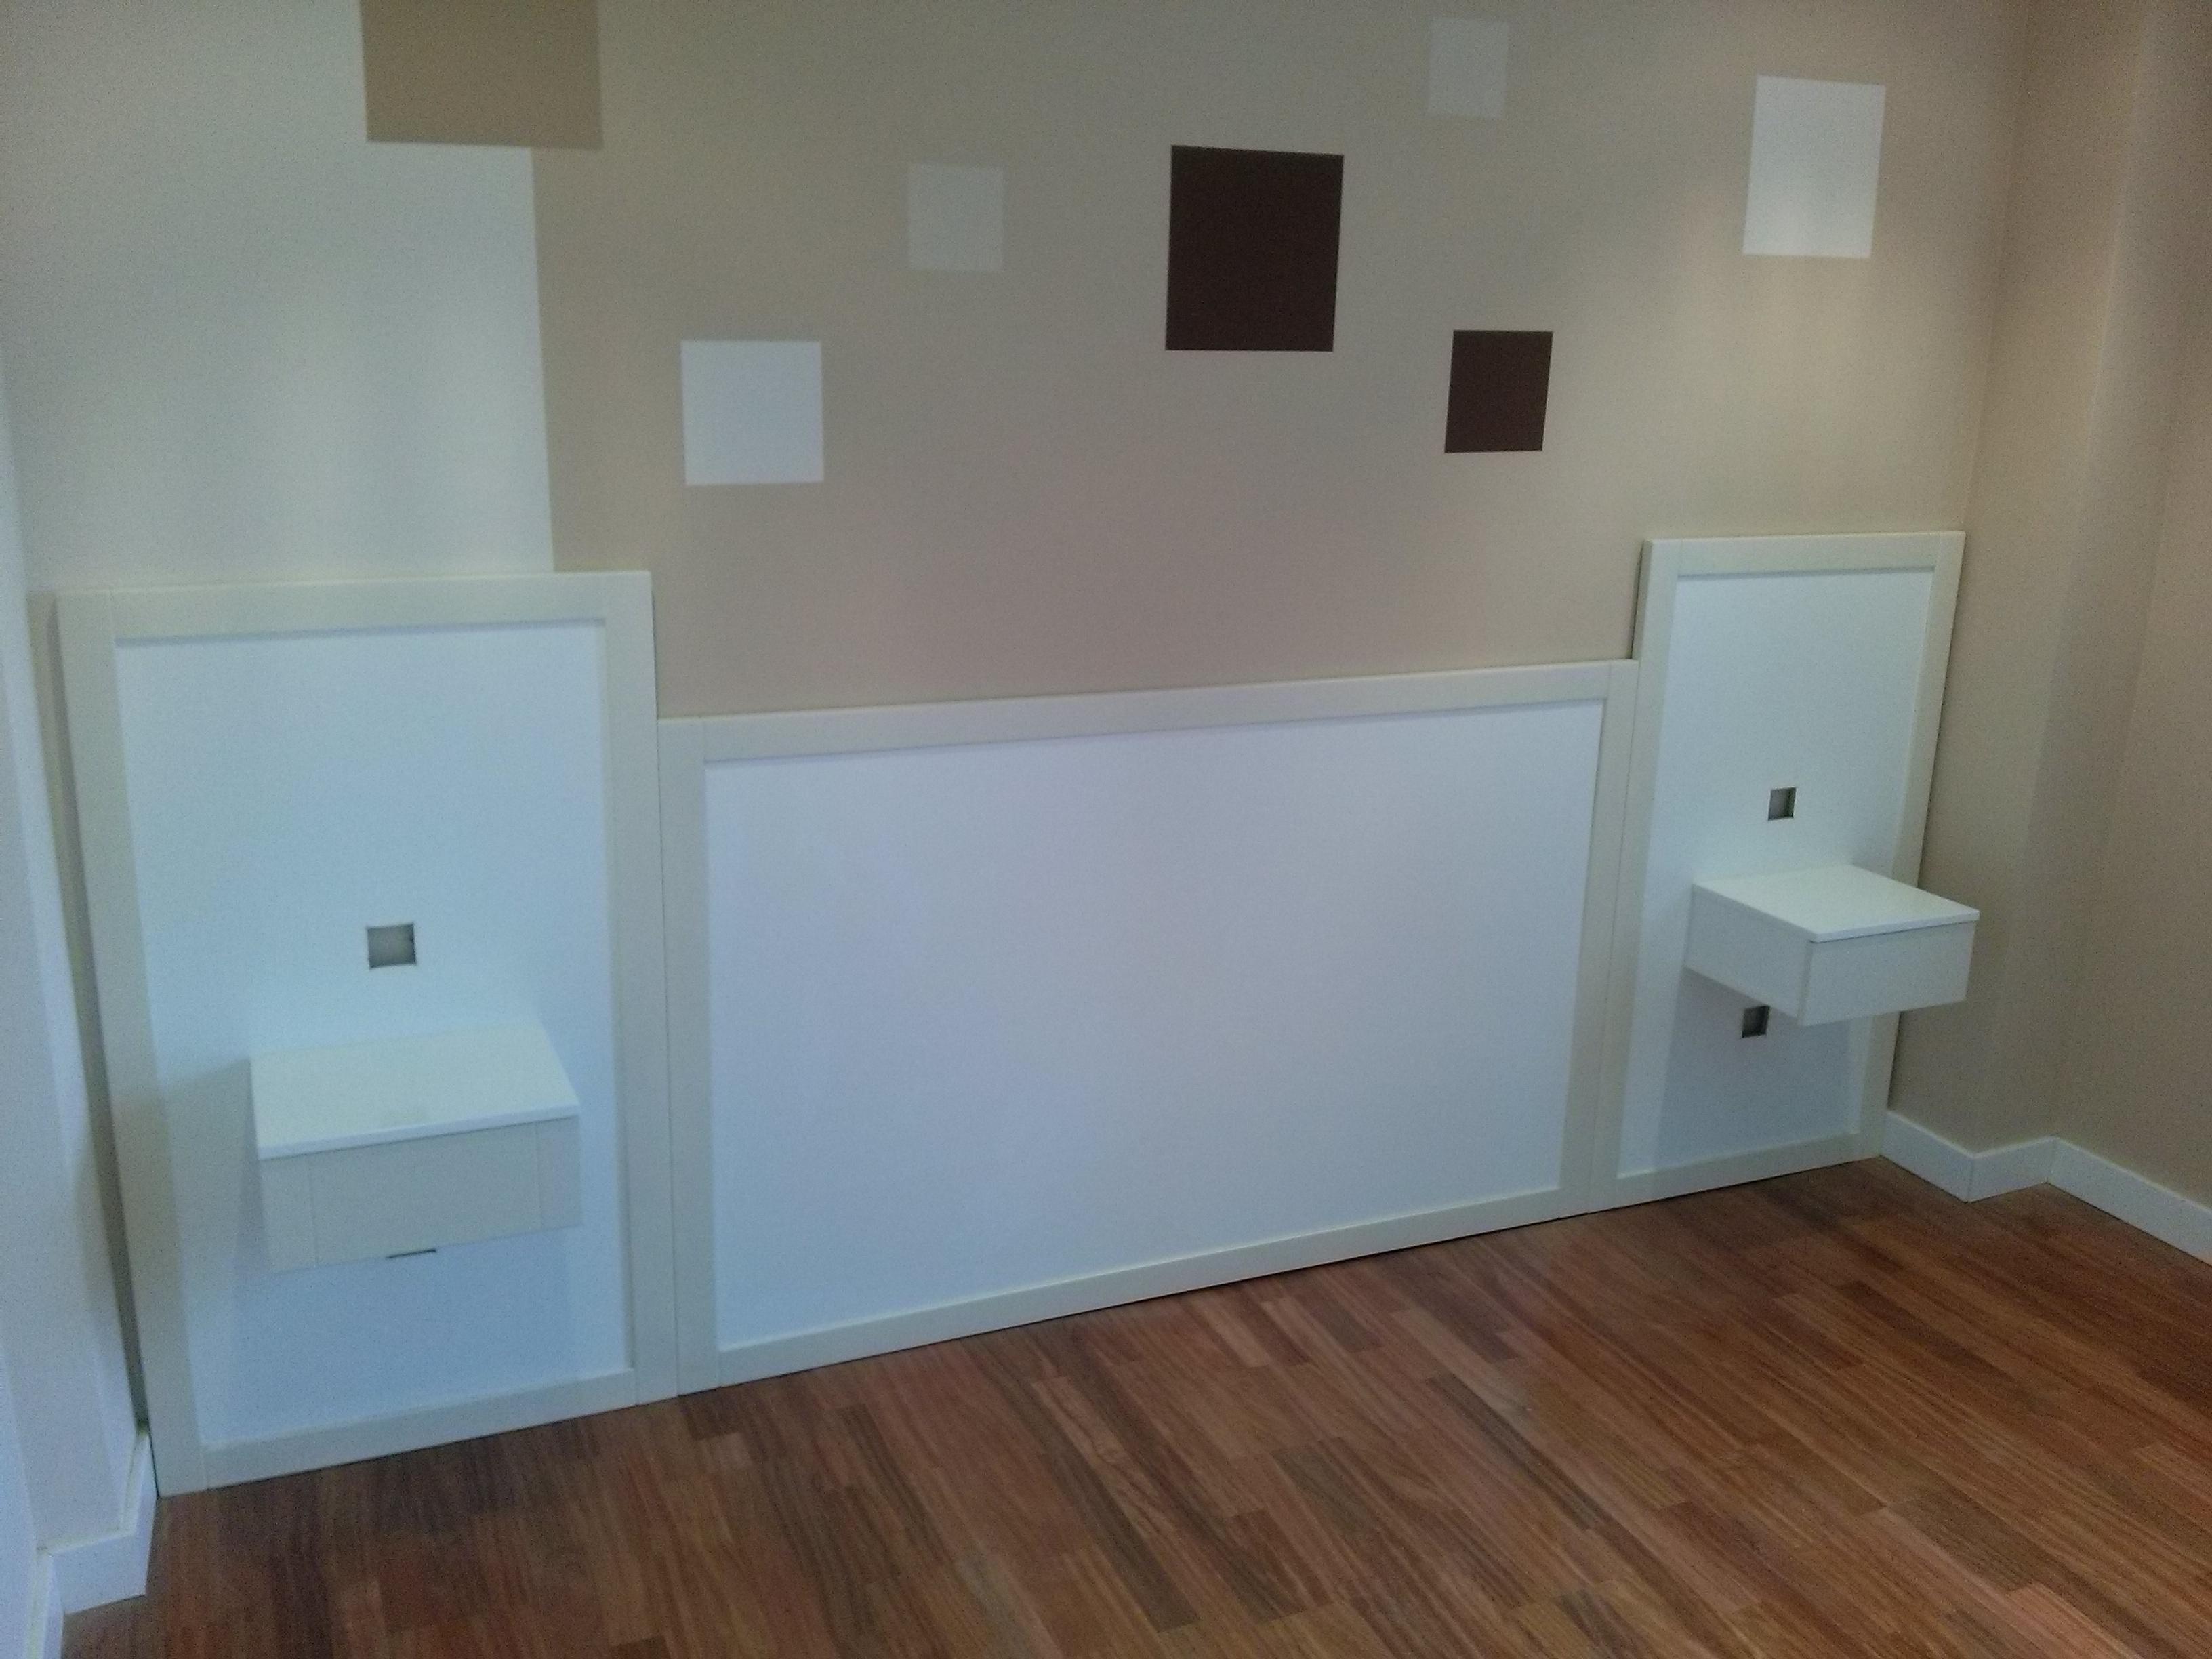 Carpinteria muebles a medida armario empotrado escalera - Cera incolora para muebles lacados ...